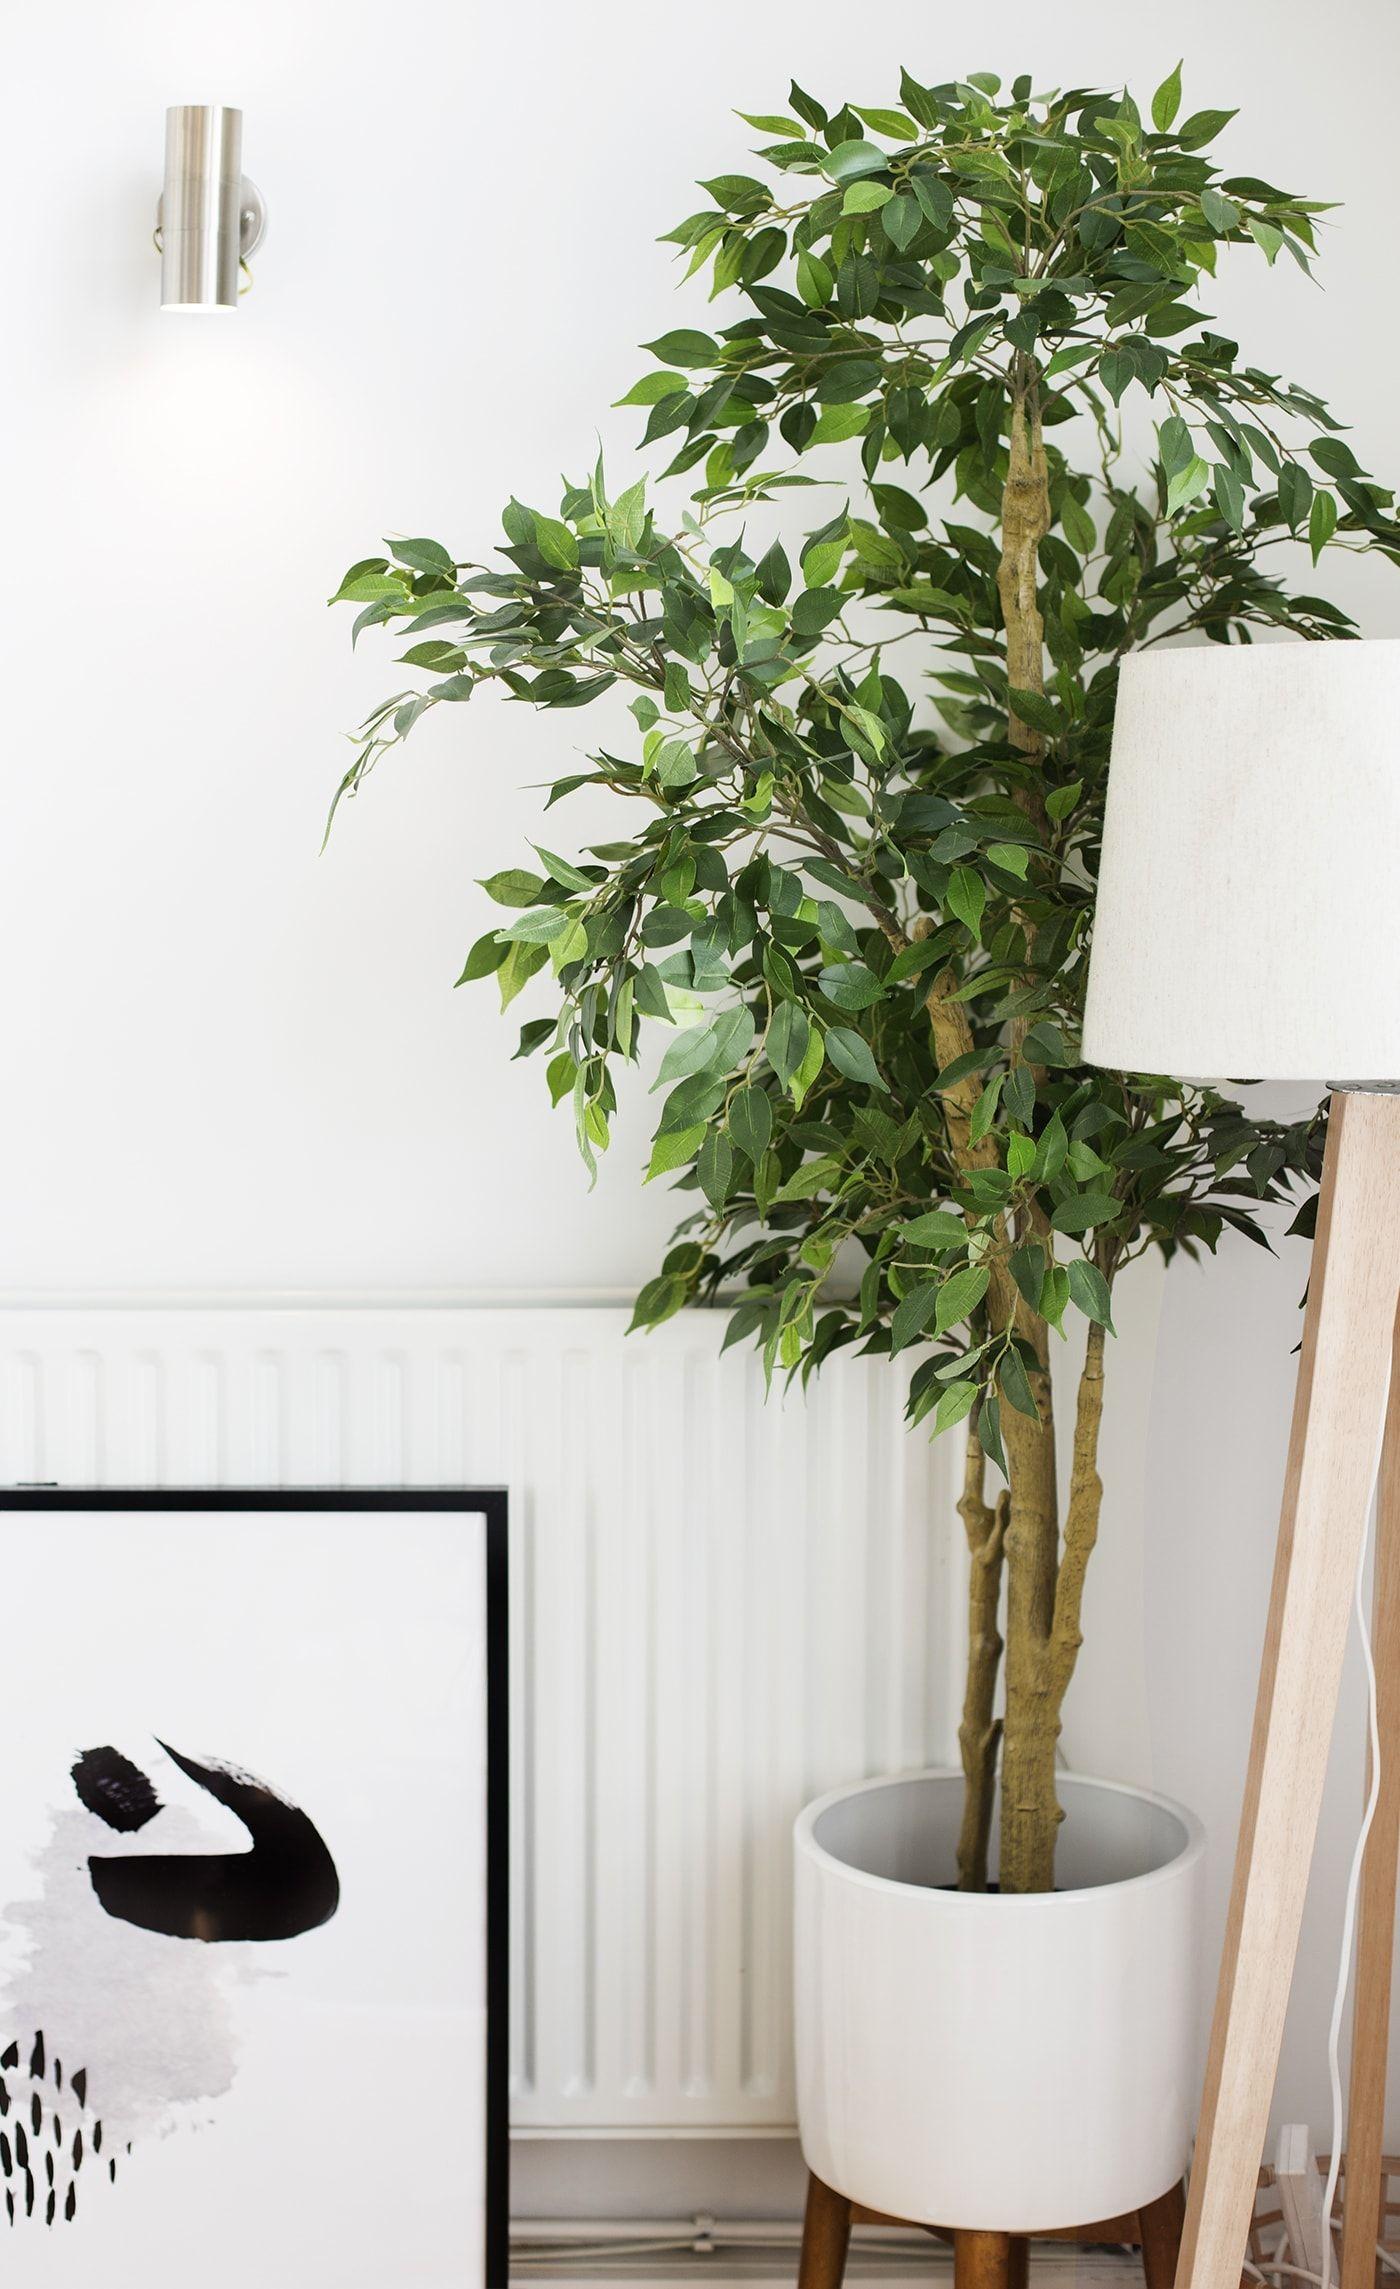 Si Vous Avez Un Doute Faites Semblant Feuille De Monstre Et Arbre D Ikea Quand Je Dis Que J Ai Un Amour Plante Verte Interieur Fausse Plante Plante Monstera